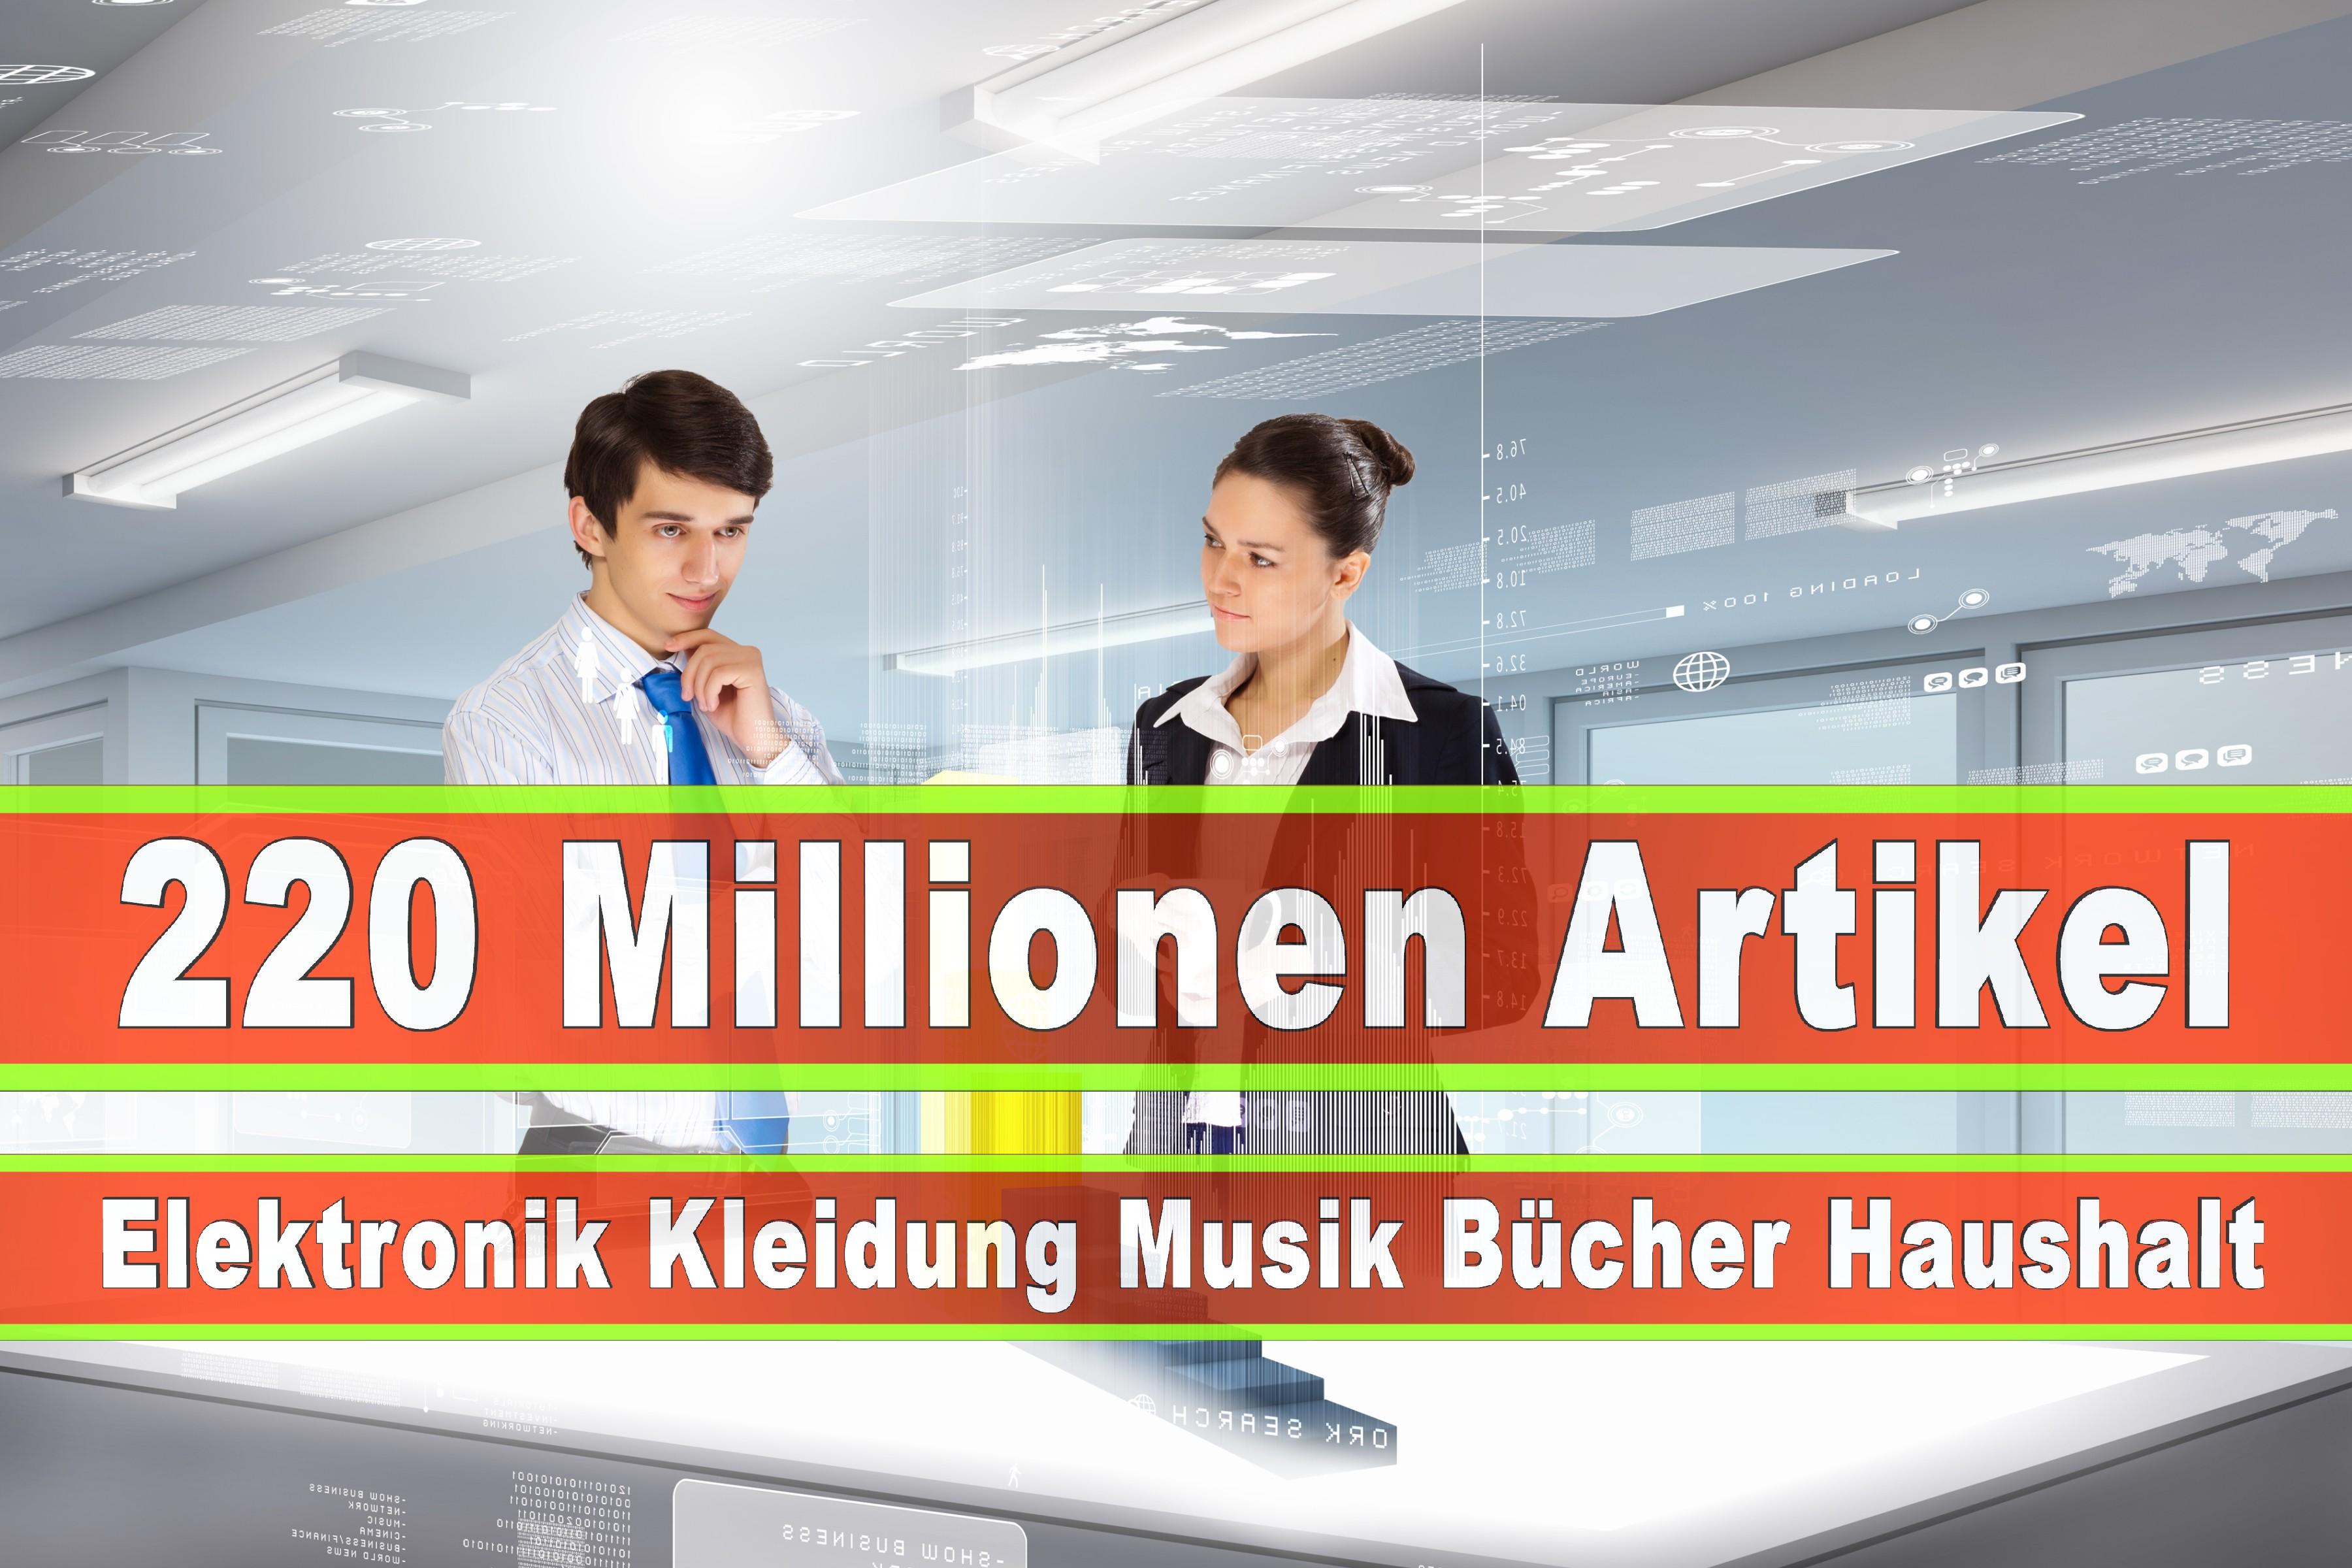 Amazon Elektronik Musik Haushalt Bücher CD DVD Handys Smartphones TV Television Fernseher Kleidung Mode Ebay Versandhaus (18)